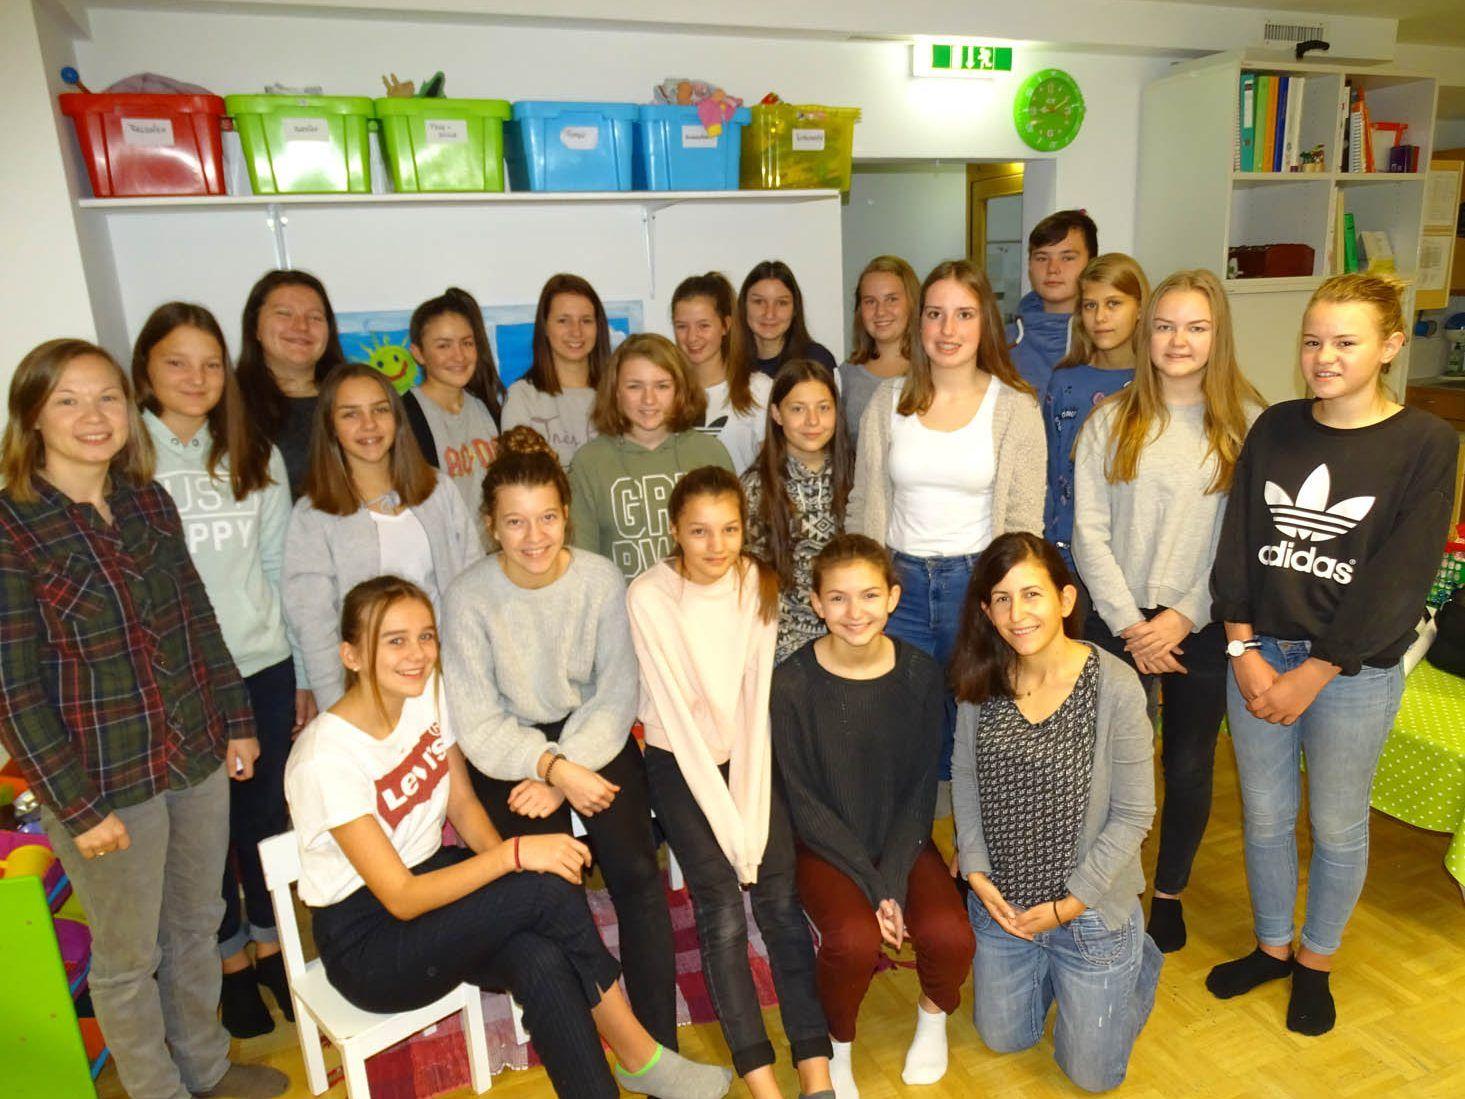 Altach - Volkshochschule Gtzis